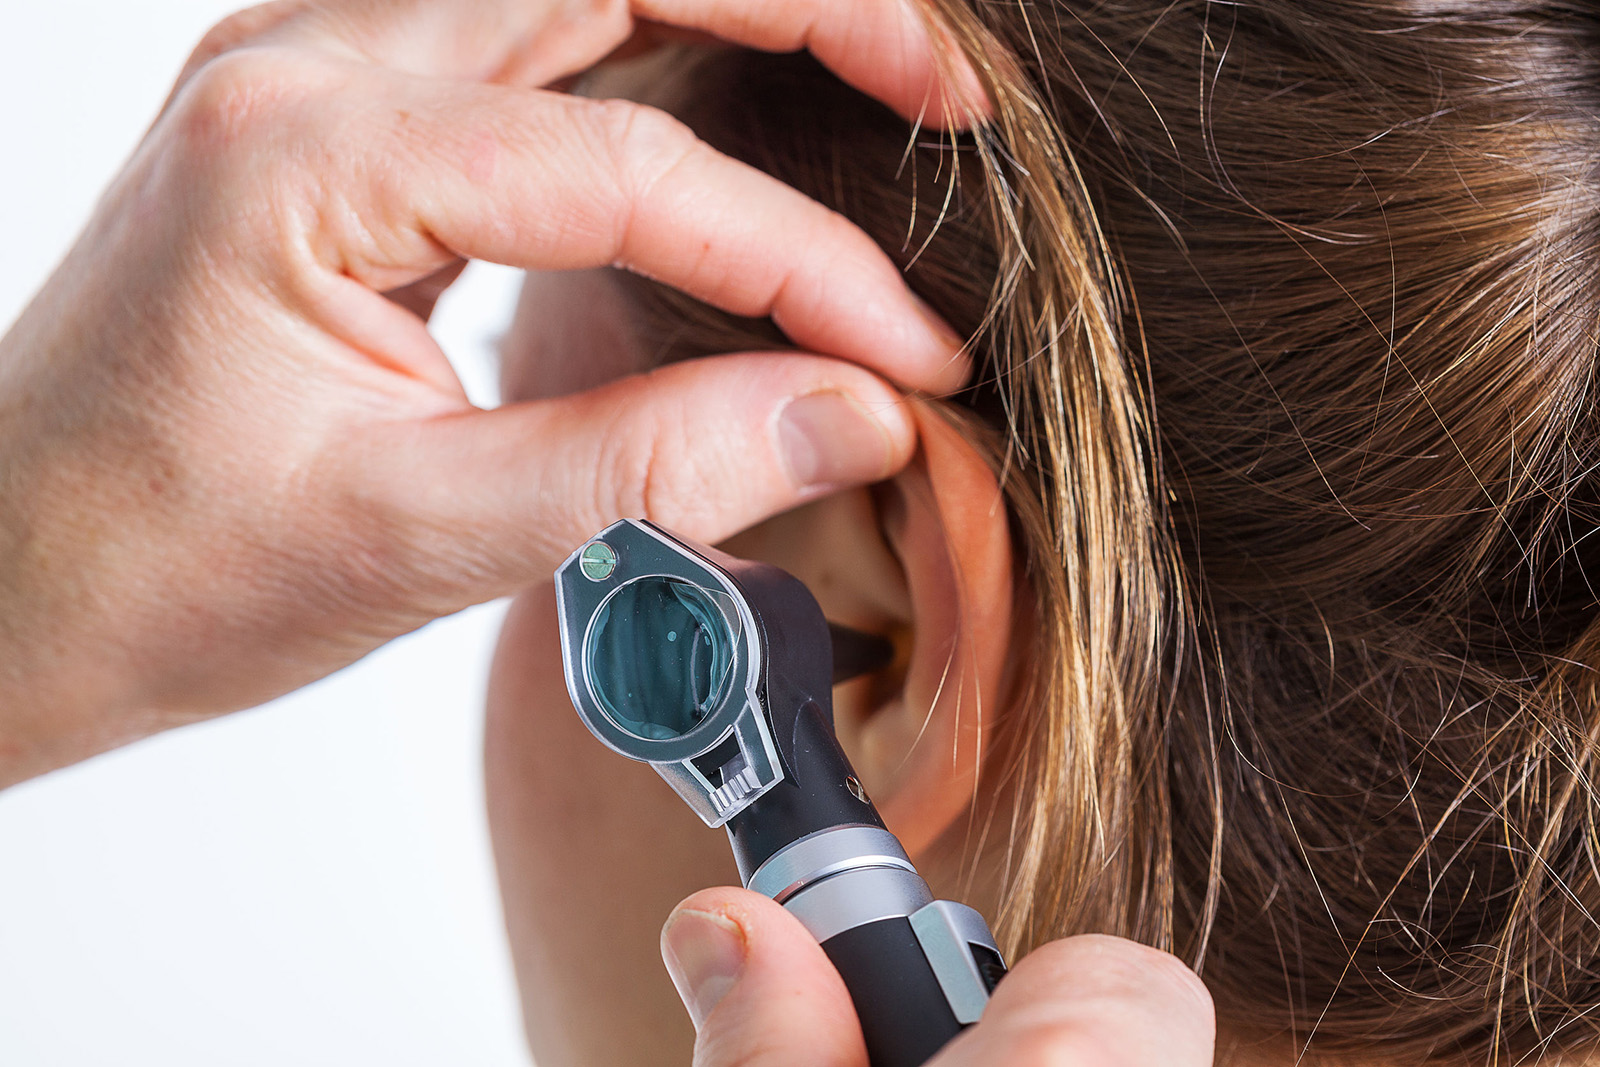 hogyan lehet eltávolítani a pikkelysömör füléből